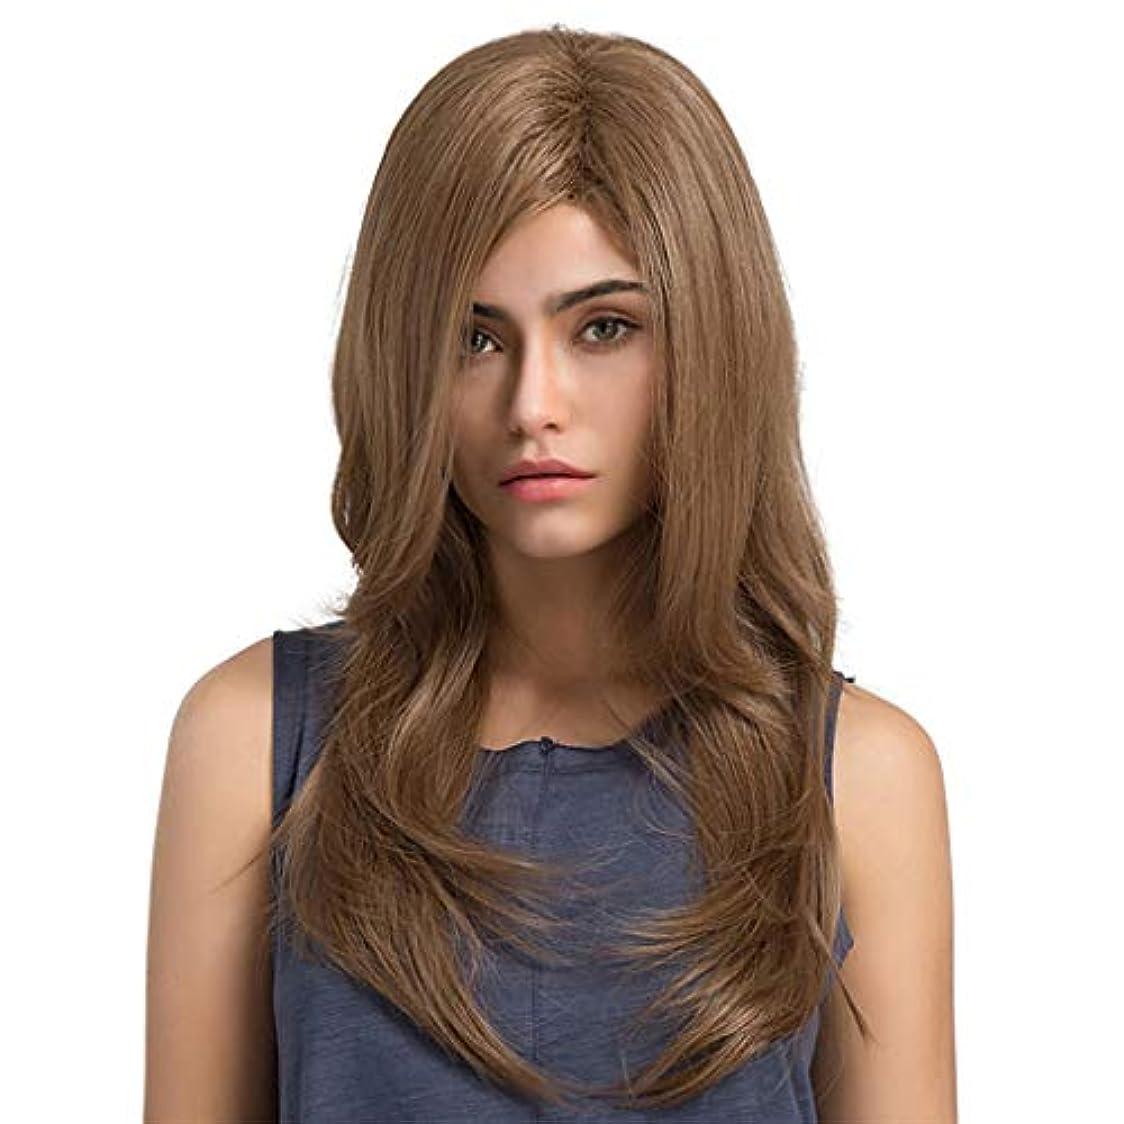 知覚側粘着性女性の長い巻き毛のかつら パーティーかつら65 cm